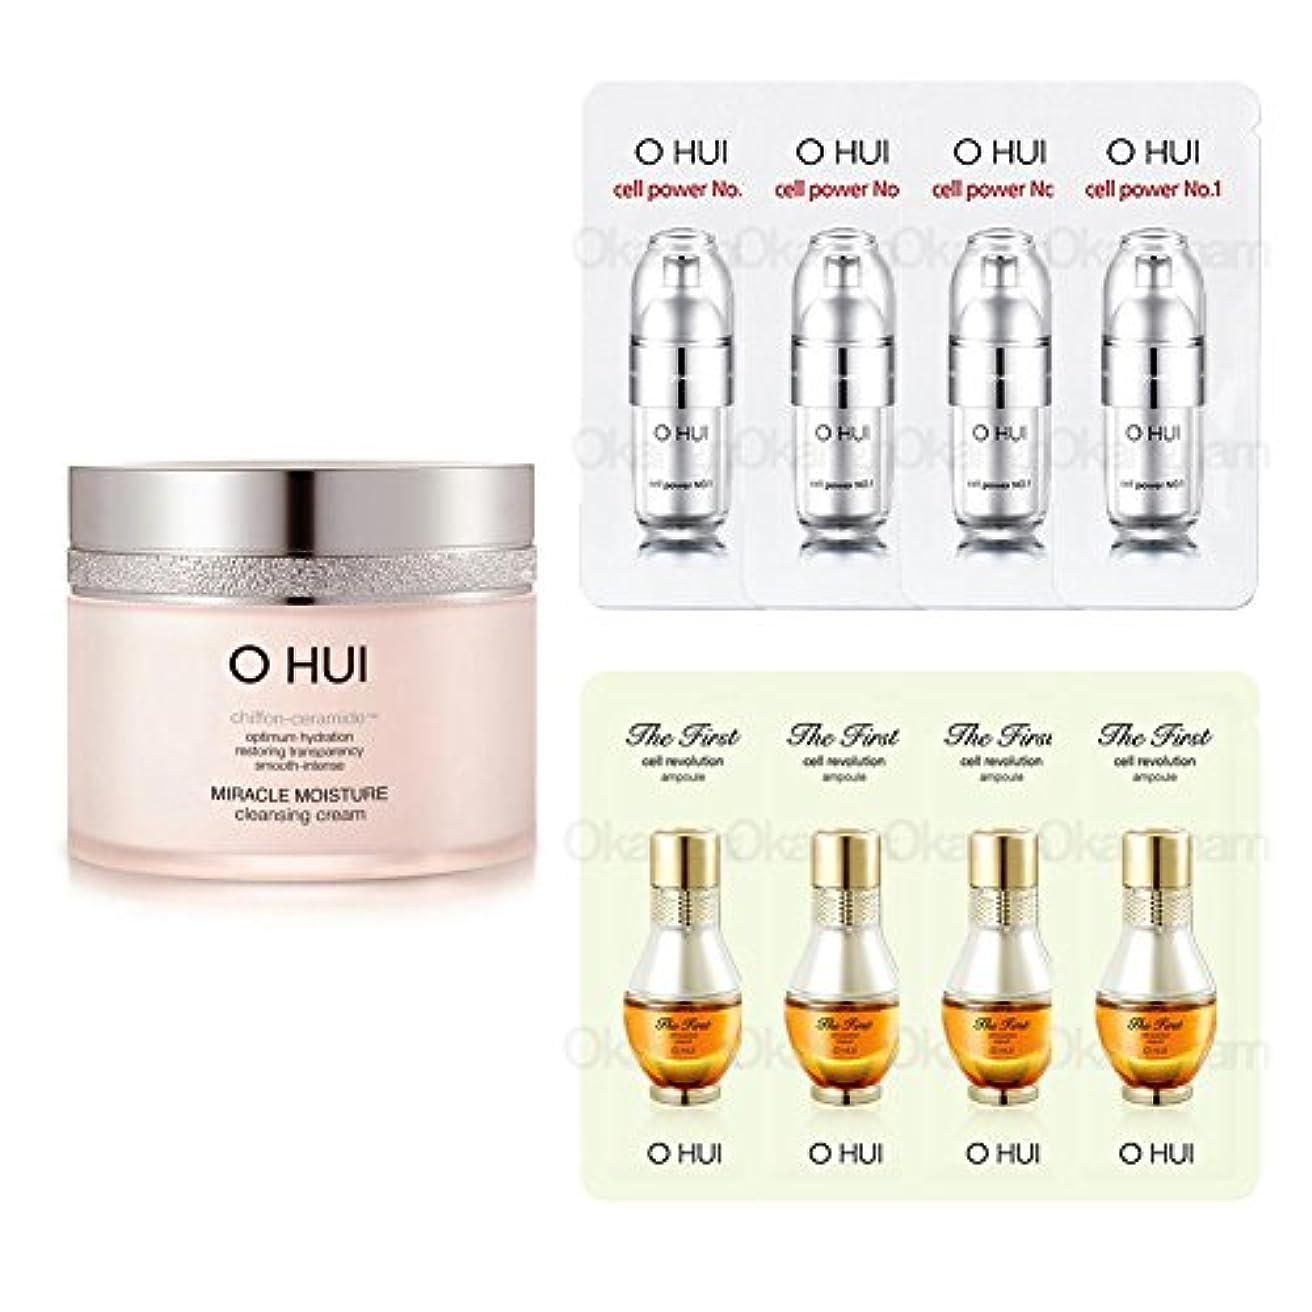 単語アンタゴニスト枕[オフィ/ O HUI]韓国化粧品 LG生活健康/OHUI Miracle Moisture Cleansing Cream/ミラクル モイスチャー クレンジング クリーム200ml +[Sample Gift](海外直送品)